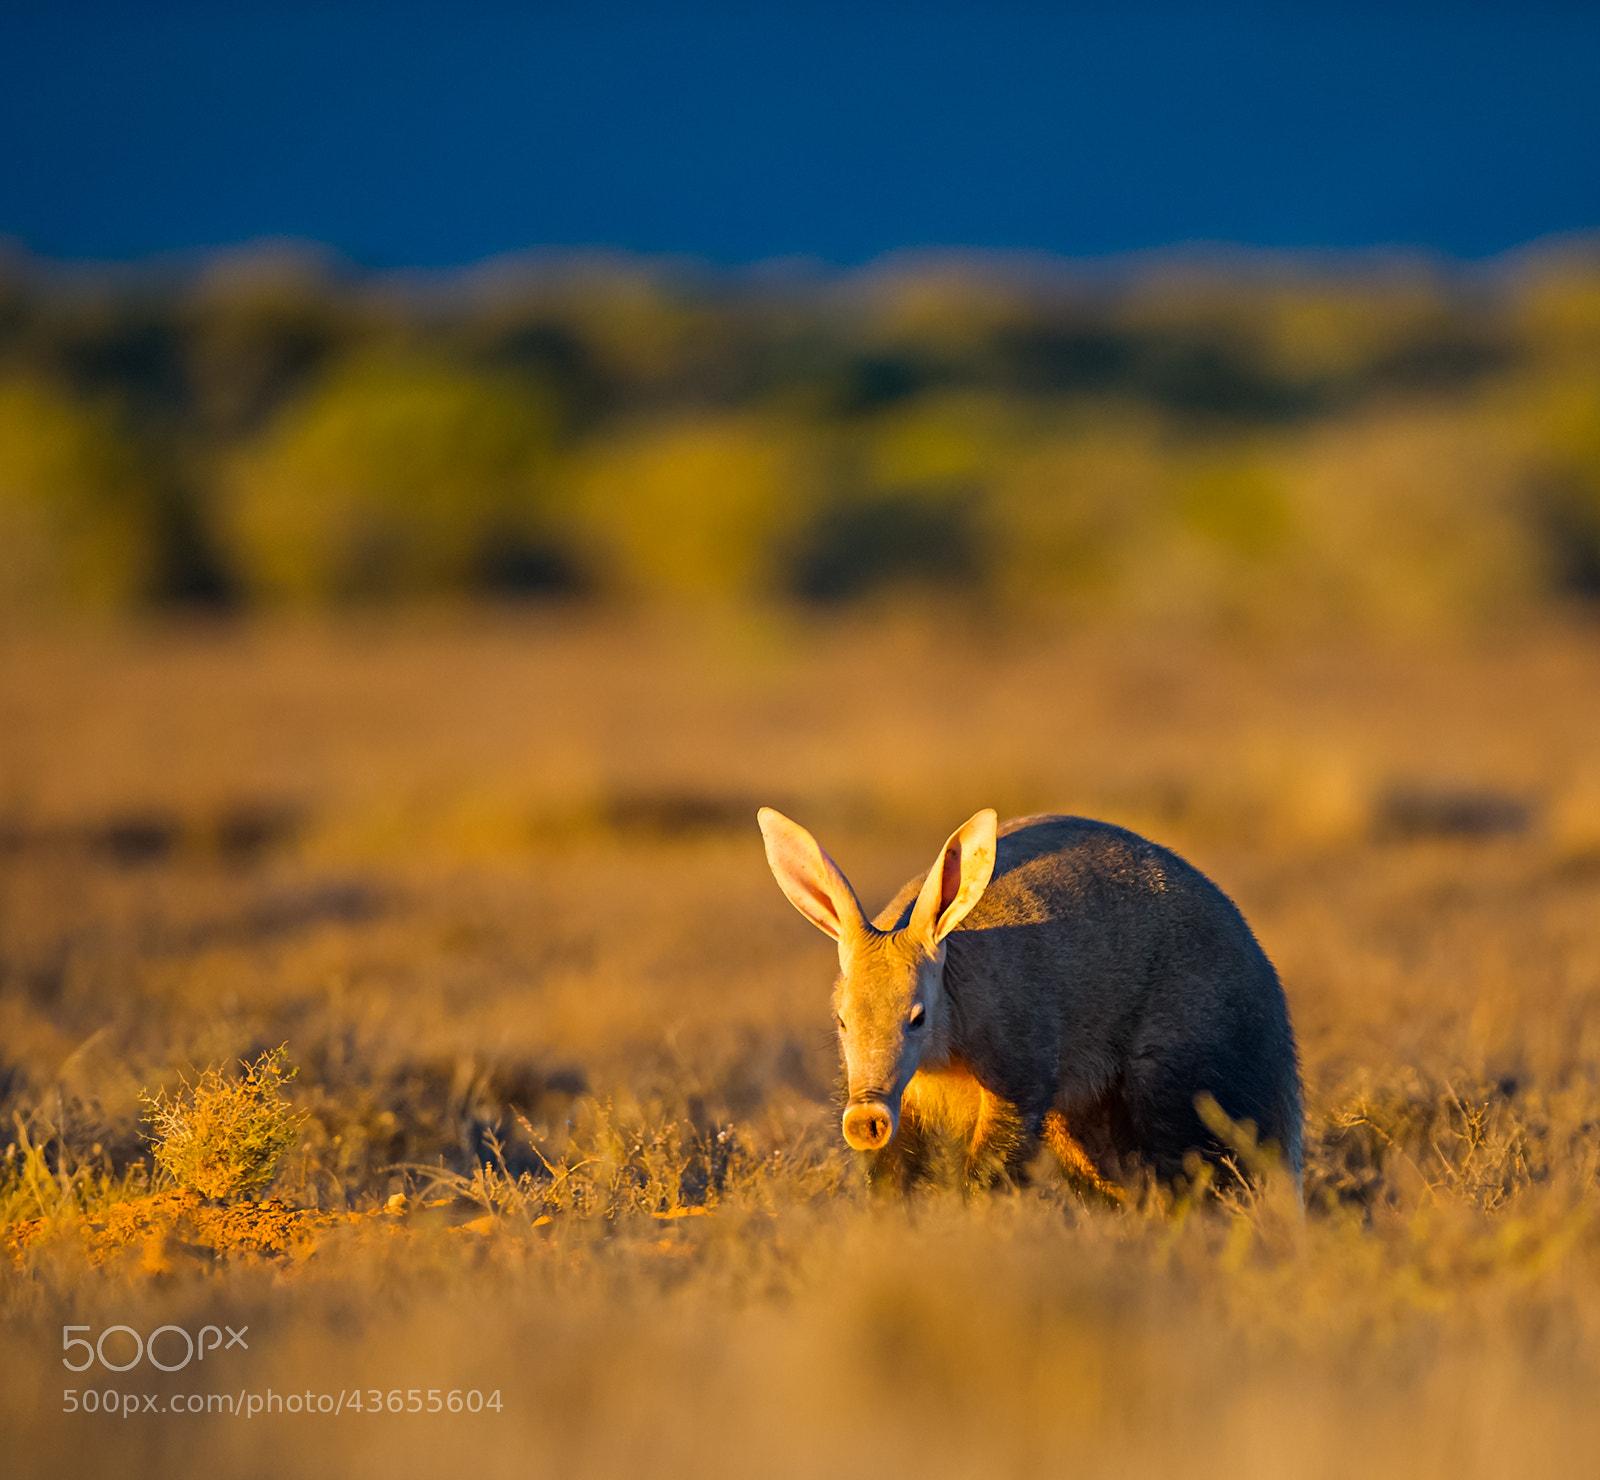 Photograph Aardvark / Ant-bear by Bridgena Barnard on 500px